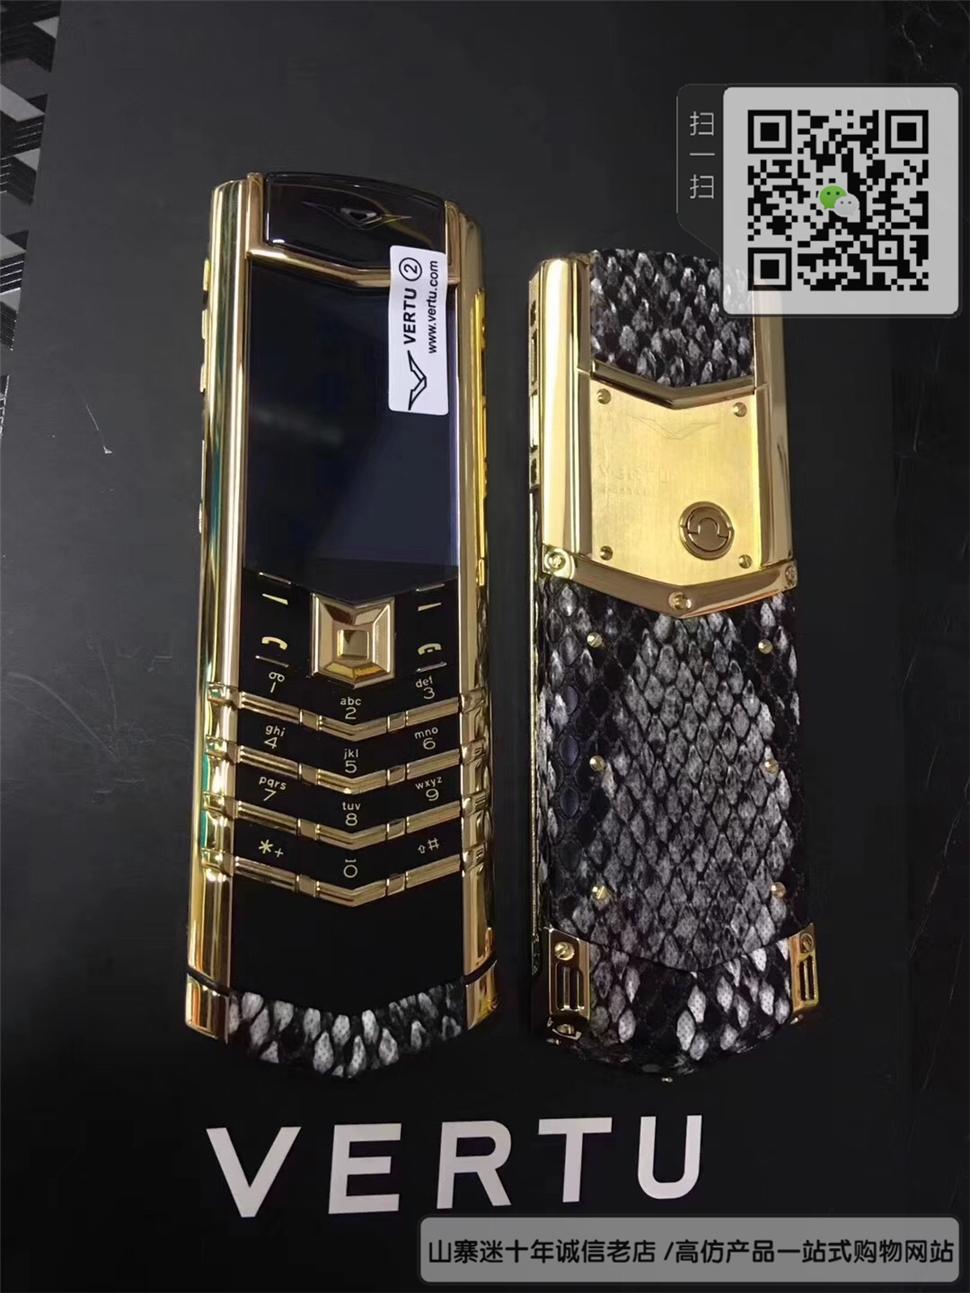 精仿VERTU威图总裁签名版手机-黑色+黄金色-蛇皮 ☼